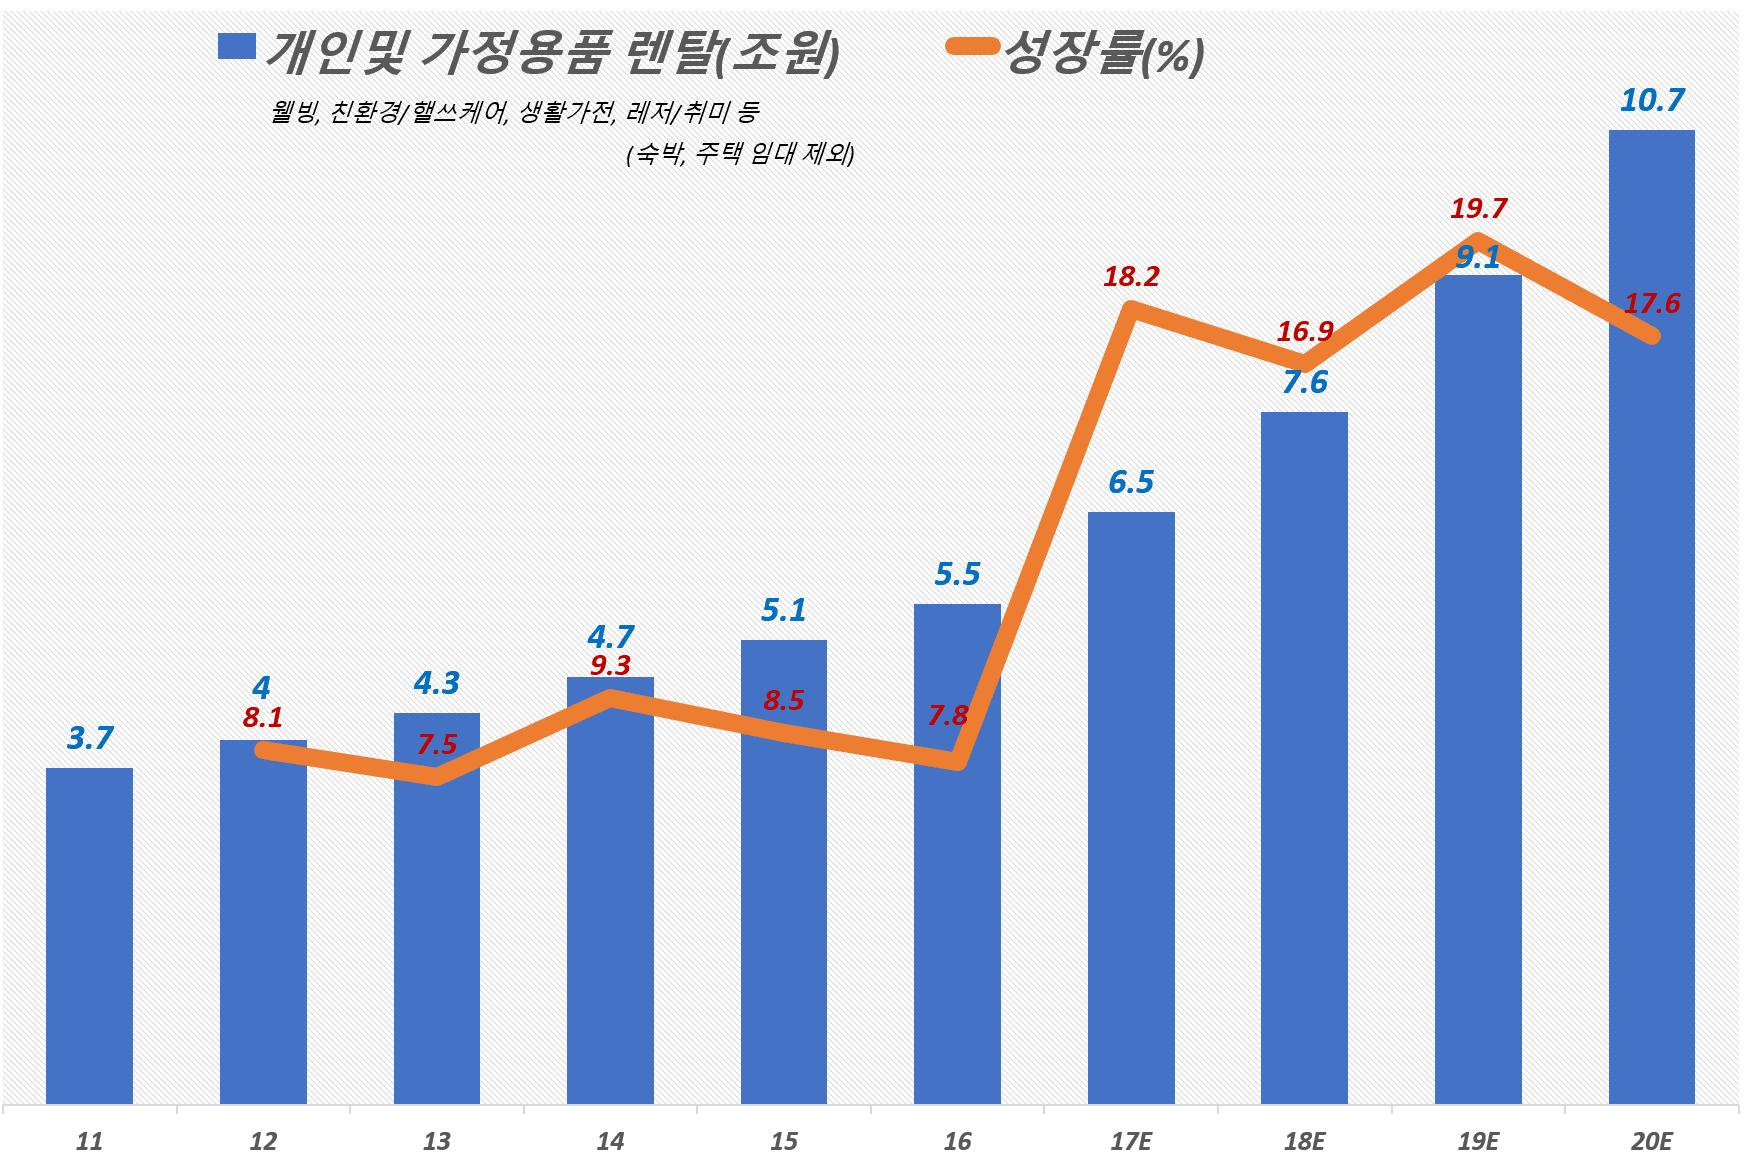 한국 렌탈 시장 중 개인 및 가정용품 렌탈 시장 규모 및 성장율, 2016년 KT경제연구소, ICT로 진화하는 스마트 렌탈 시장의 미래 참조, Graph by Happist